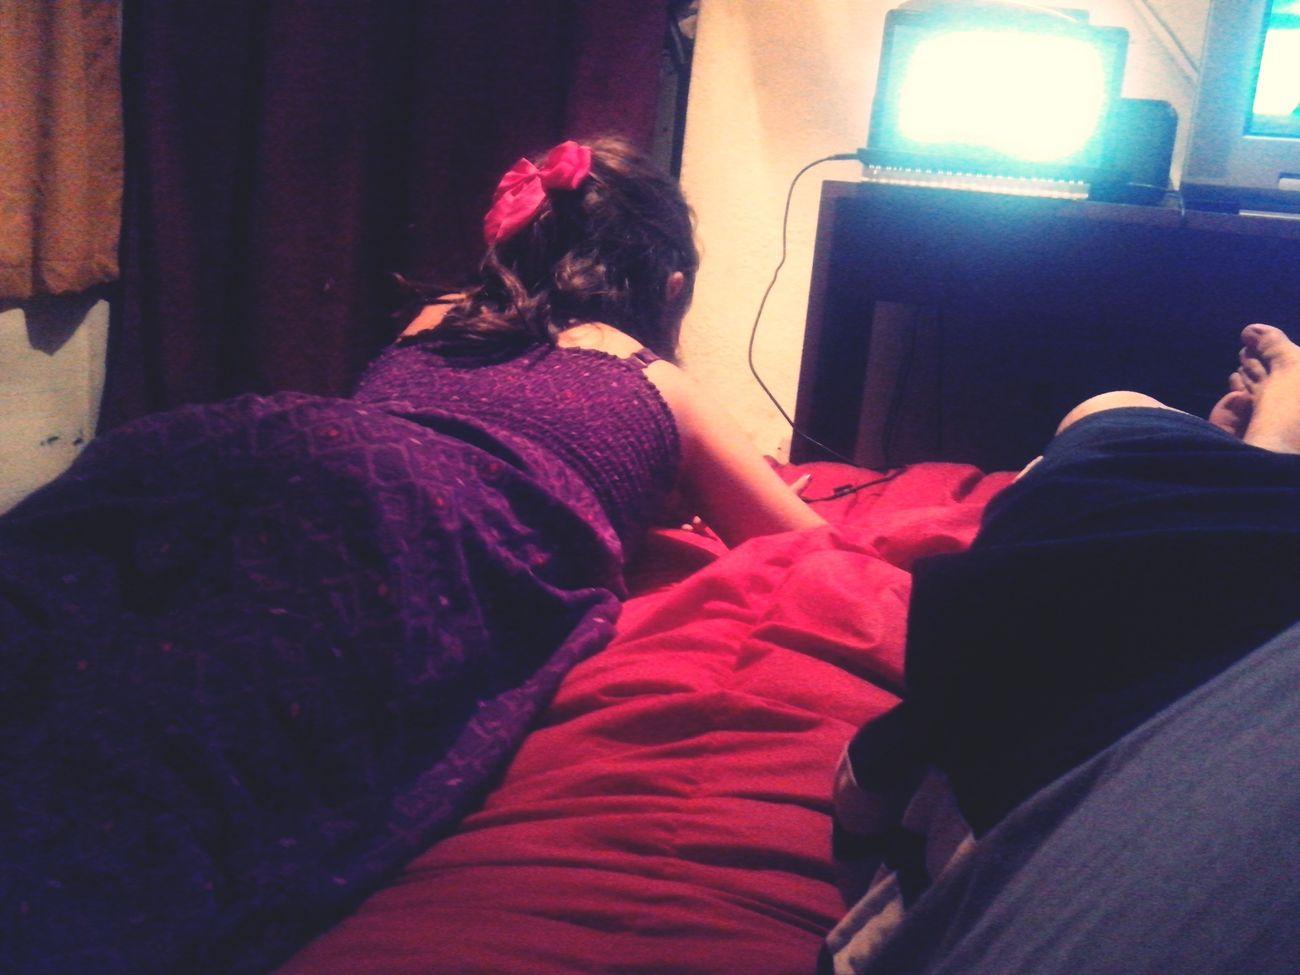 Con la goda ¡¡¡ escunchando violeta y mirando peliculas Relaxing HomeAlone Violeta Pepi Casa